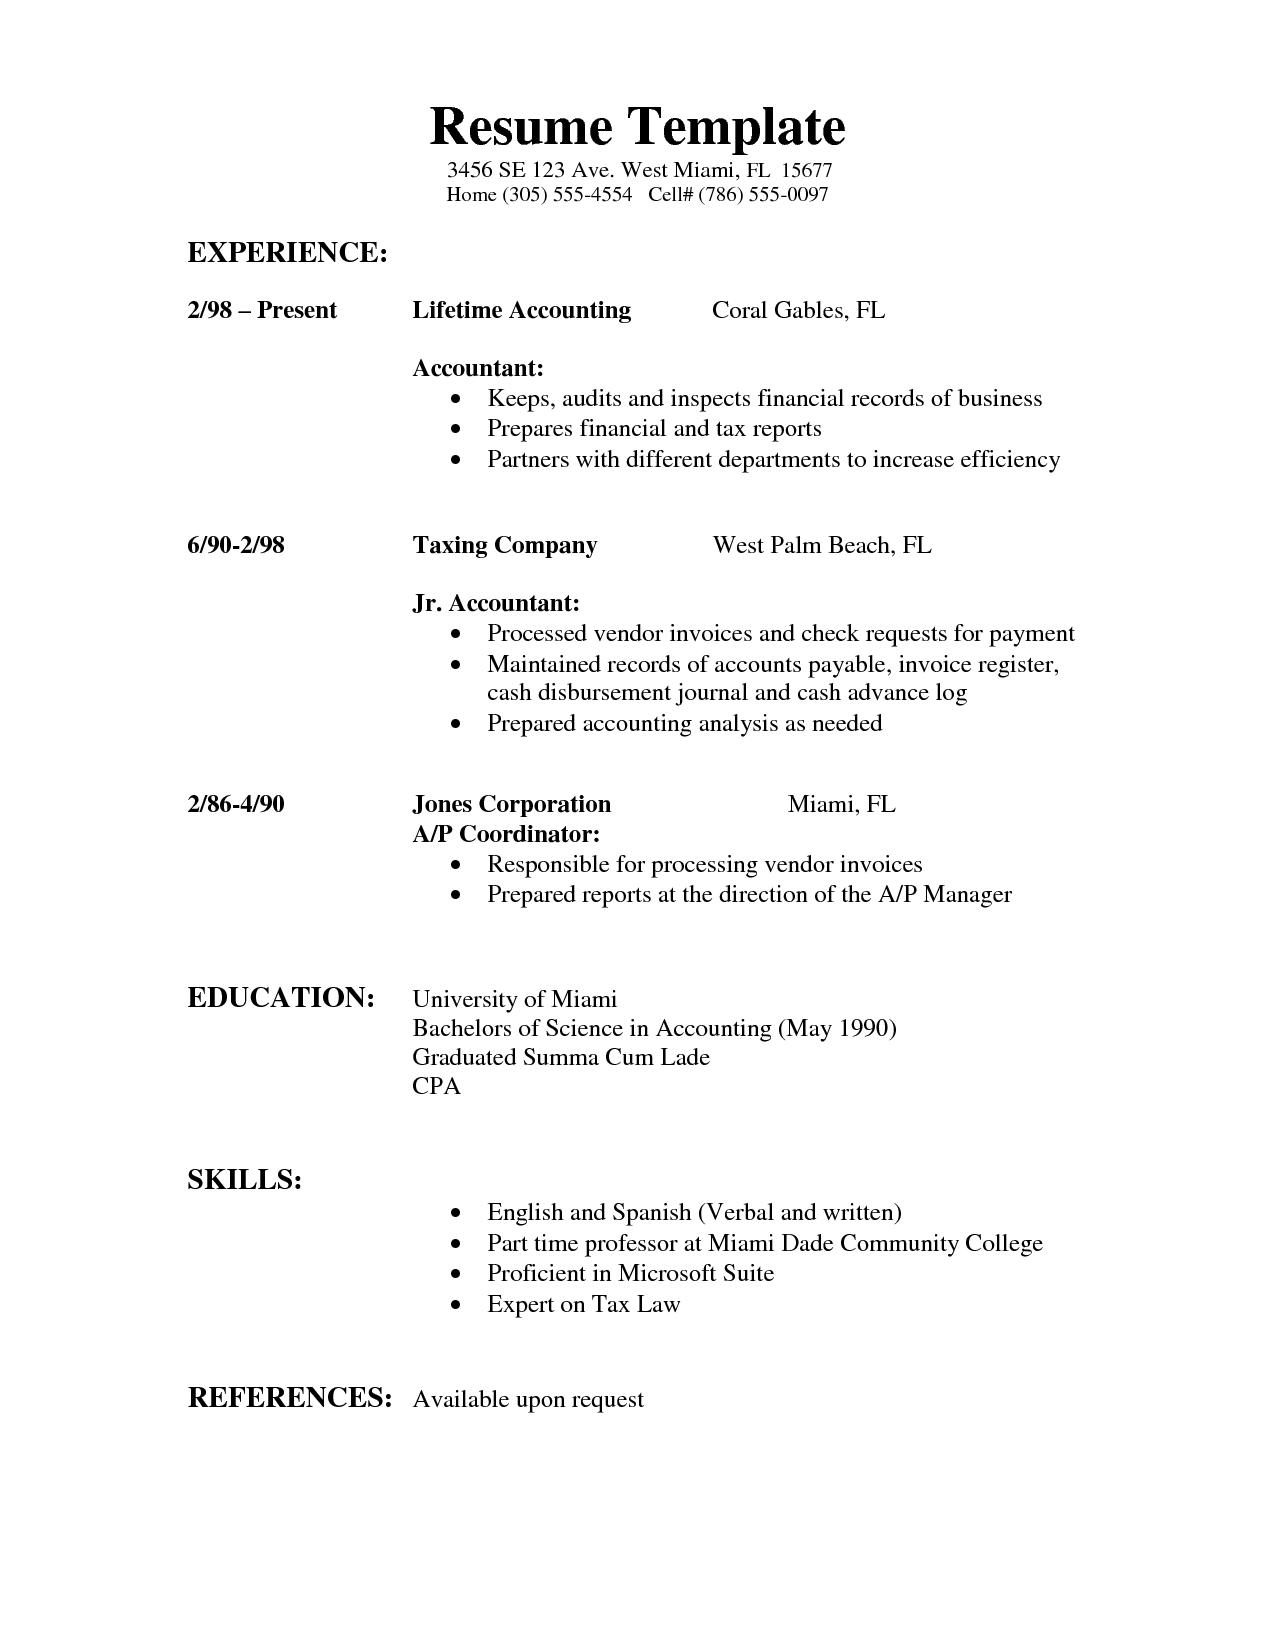 resume cv cover letter job resume samples pdf internal resume - Cover Letter Job Resume